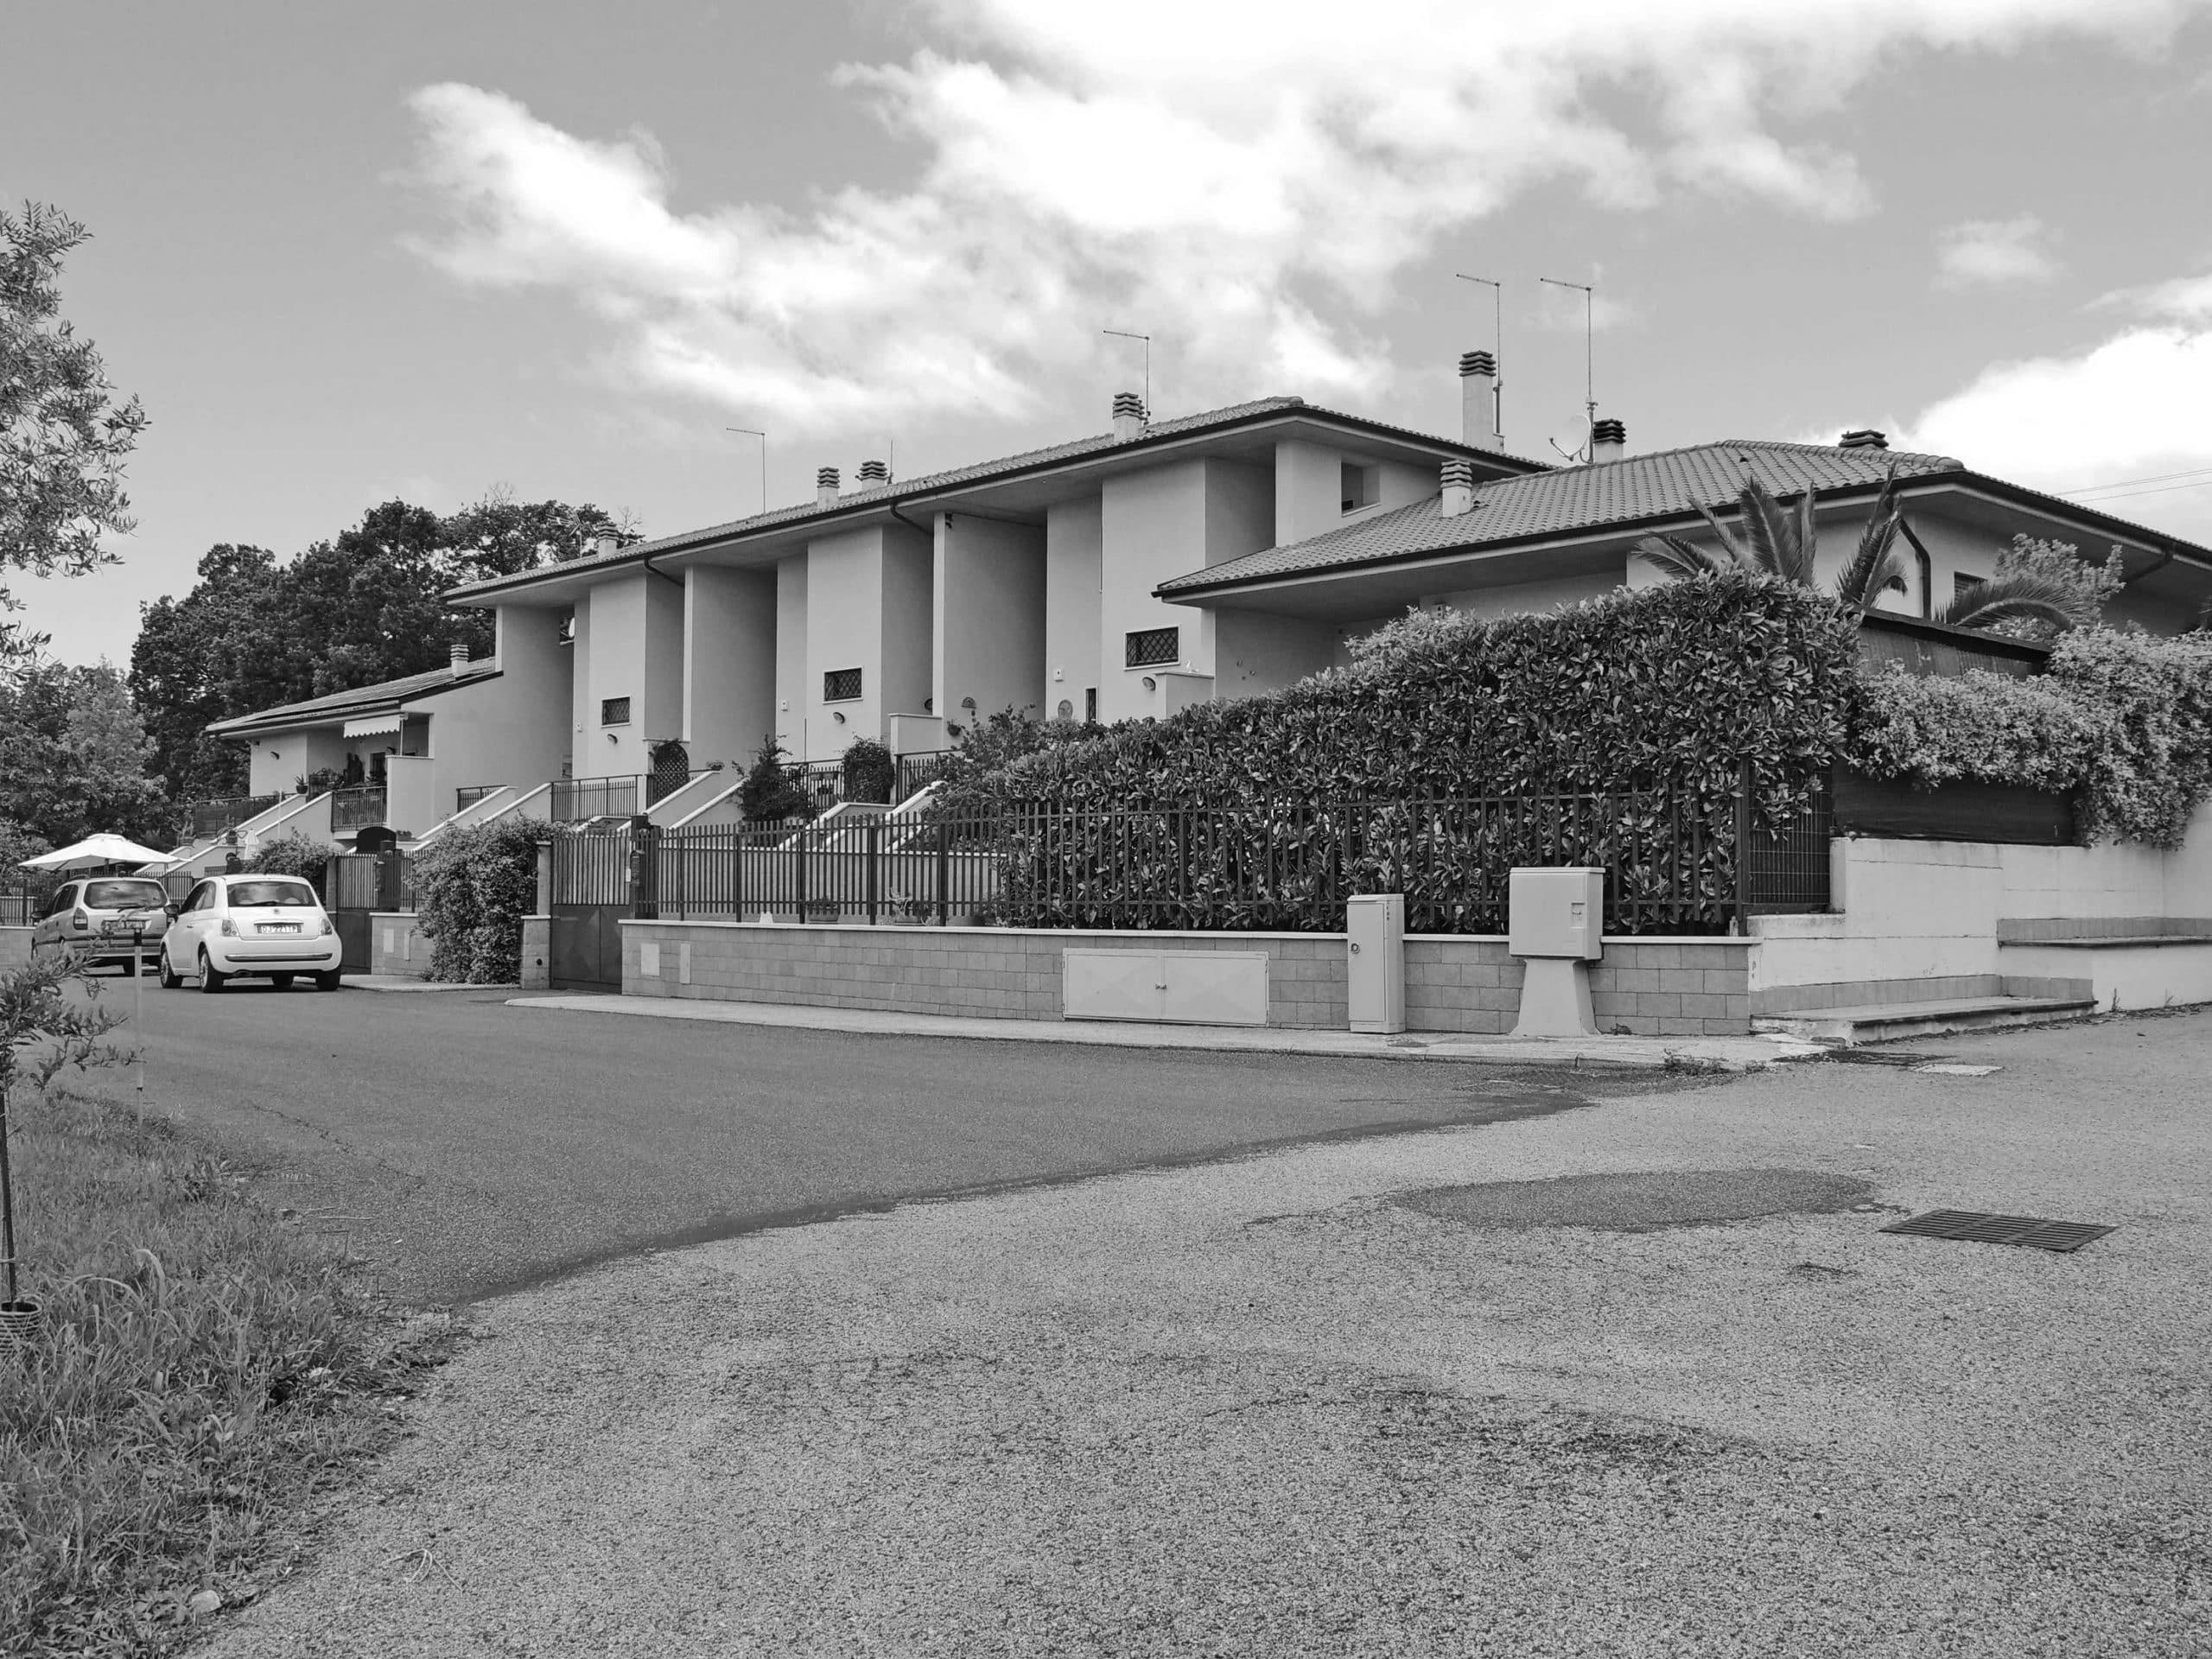 21 - Complesso di case a schiera in loc. Paradiso, Montopoli di Sabina (RI), per Soc. Costruzioni Edili Reali & C - Vista esterna